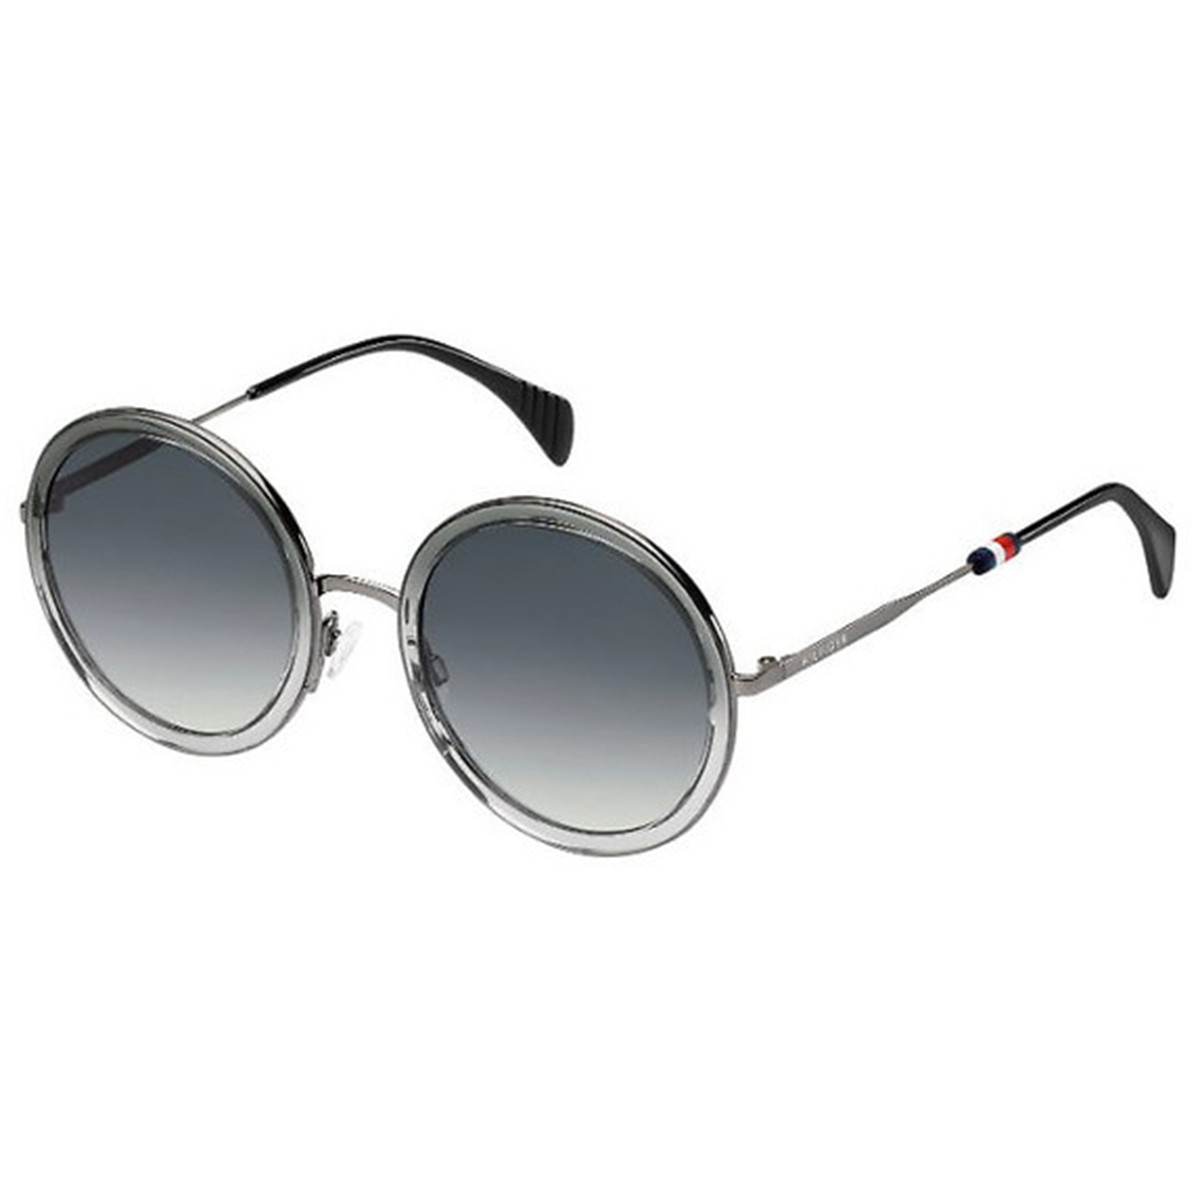 Compre Óculos de Sol Tommy Hilfiger em 10X   Tri-Jóia Shop 5f0754e8d1